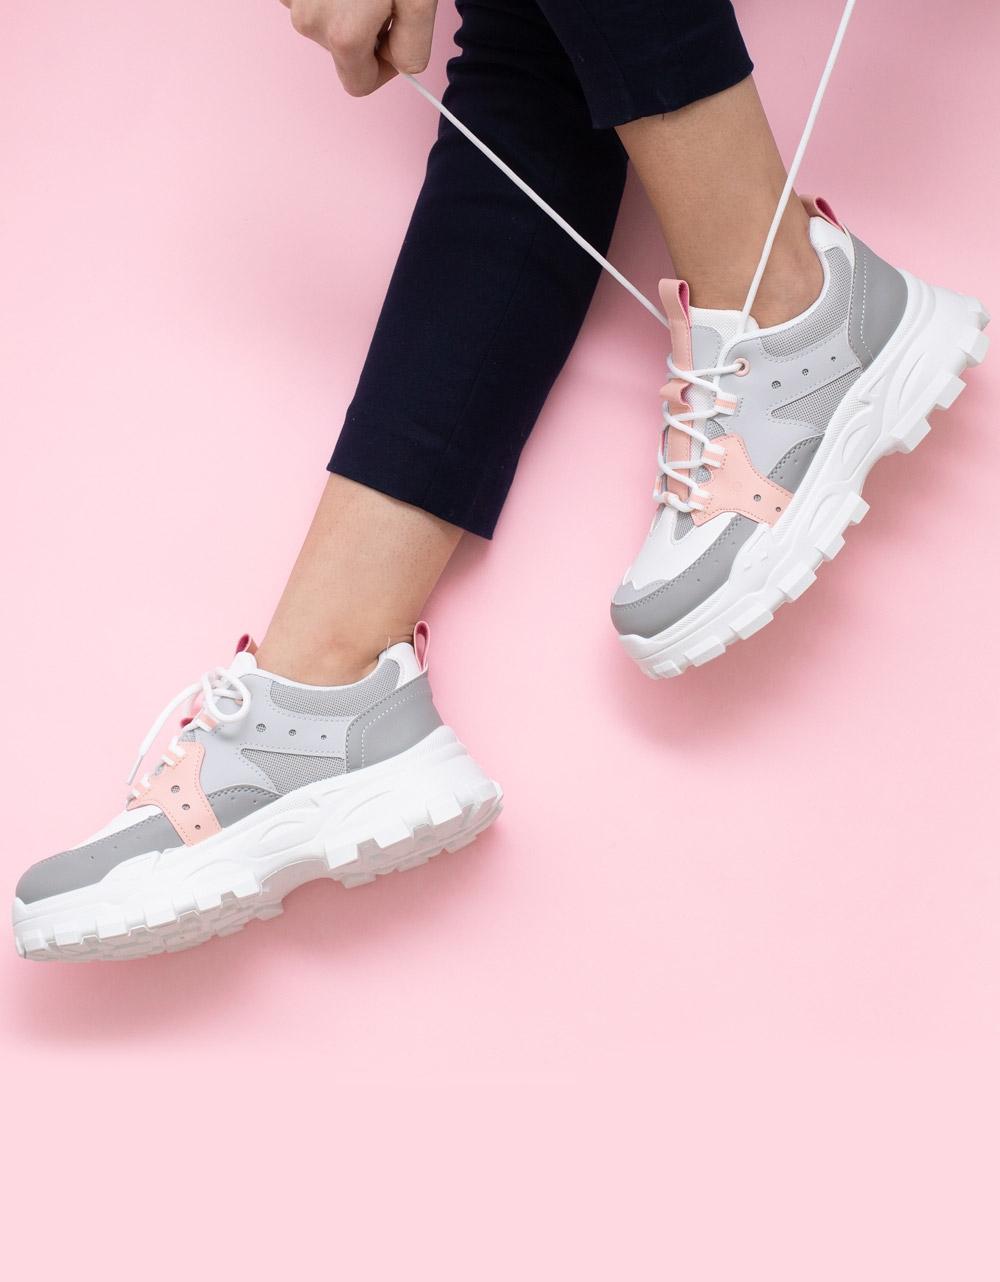 Εικόνα από Γυναικεία sneaker με τρακτερωτή σόλα Γκρι/Λευκό